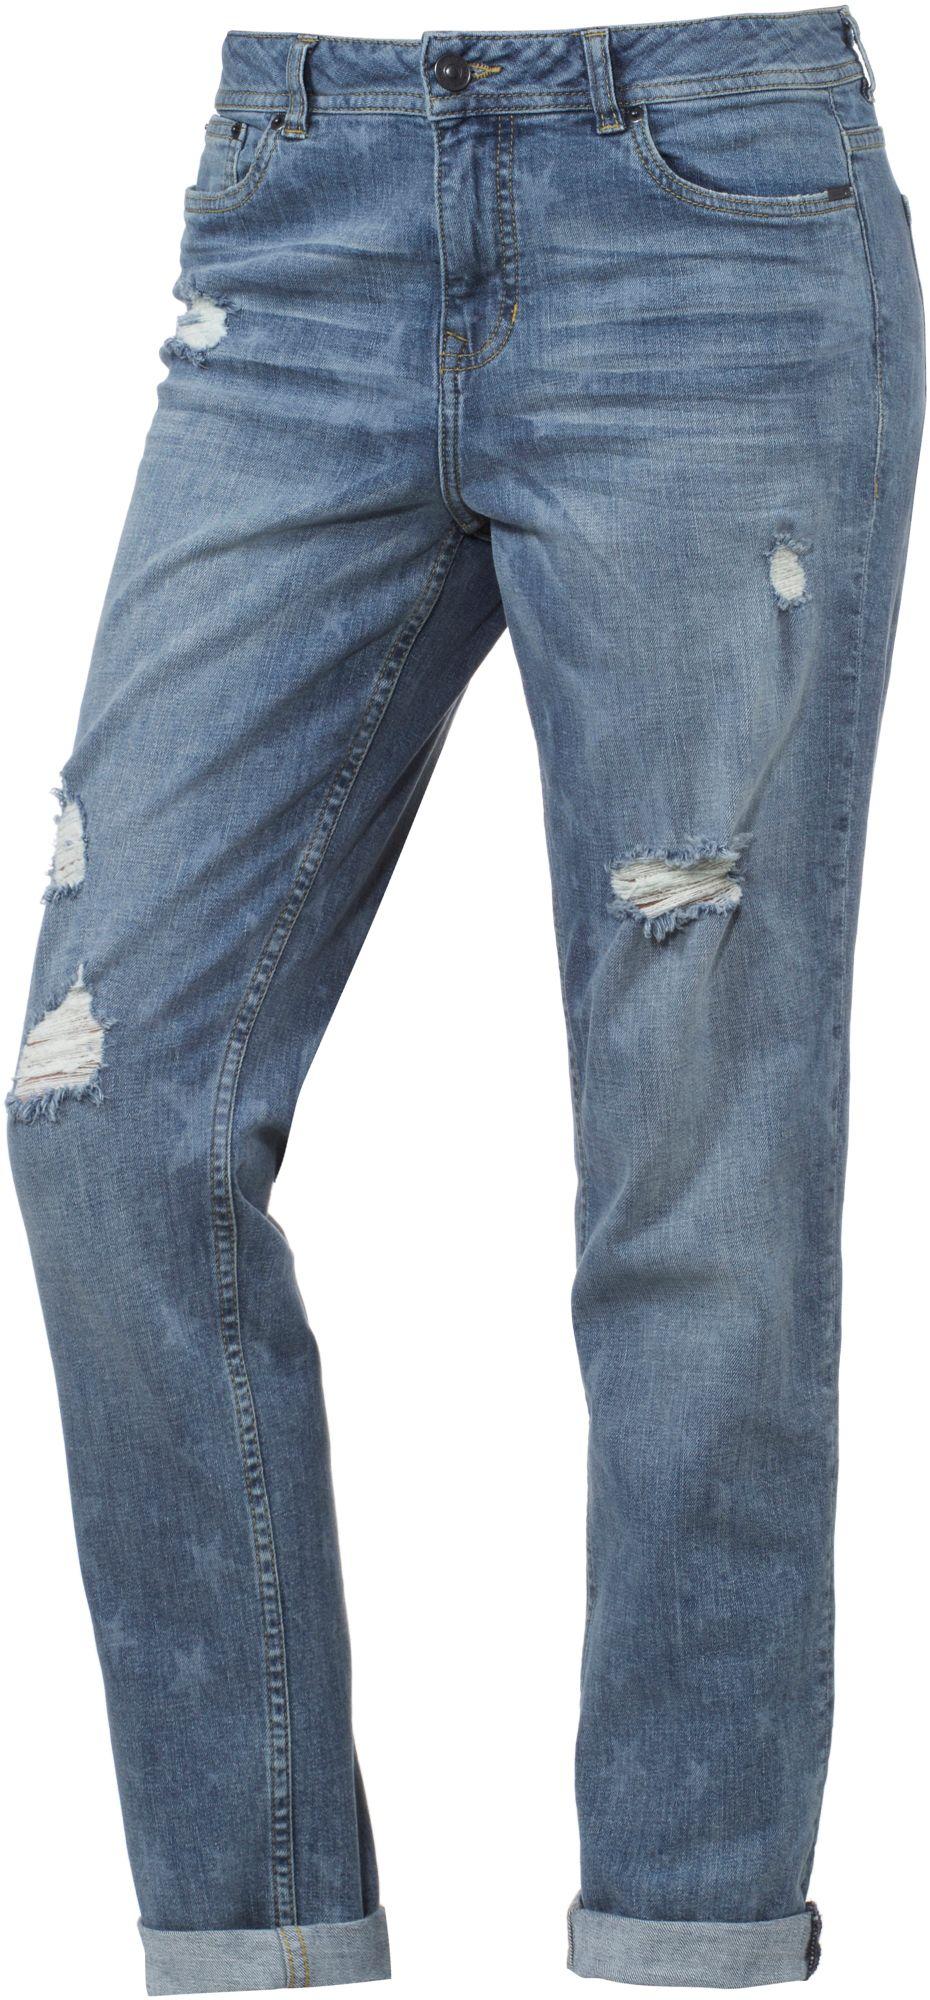 jeans 26 32 preisvergleich die besten angebote online kaufen. Black Bedroom Furniture Sets. Home Design Ideas